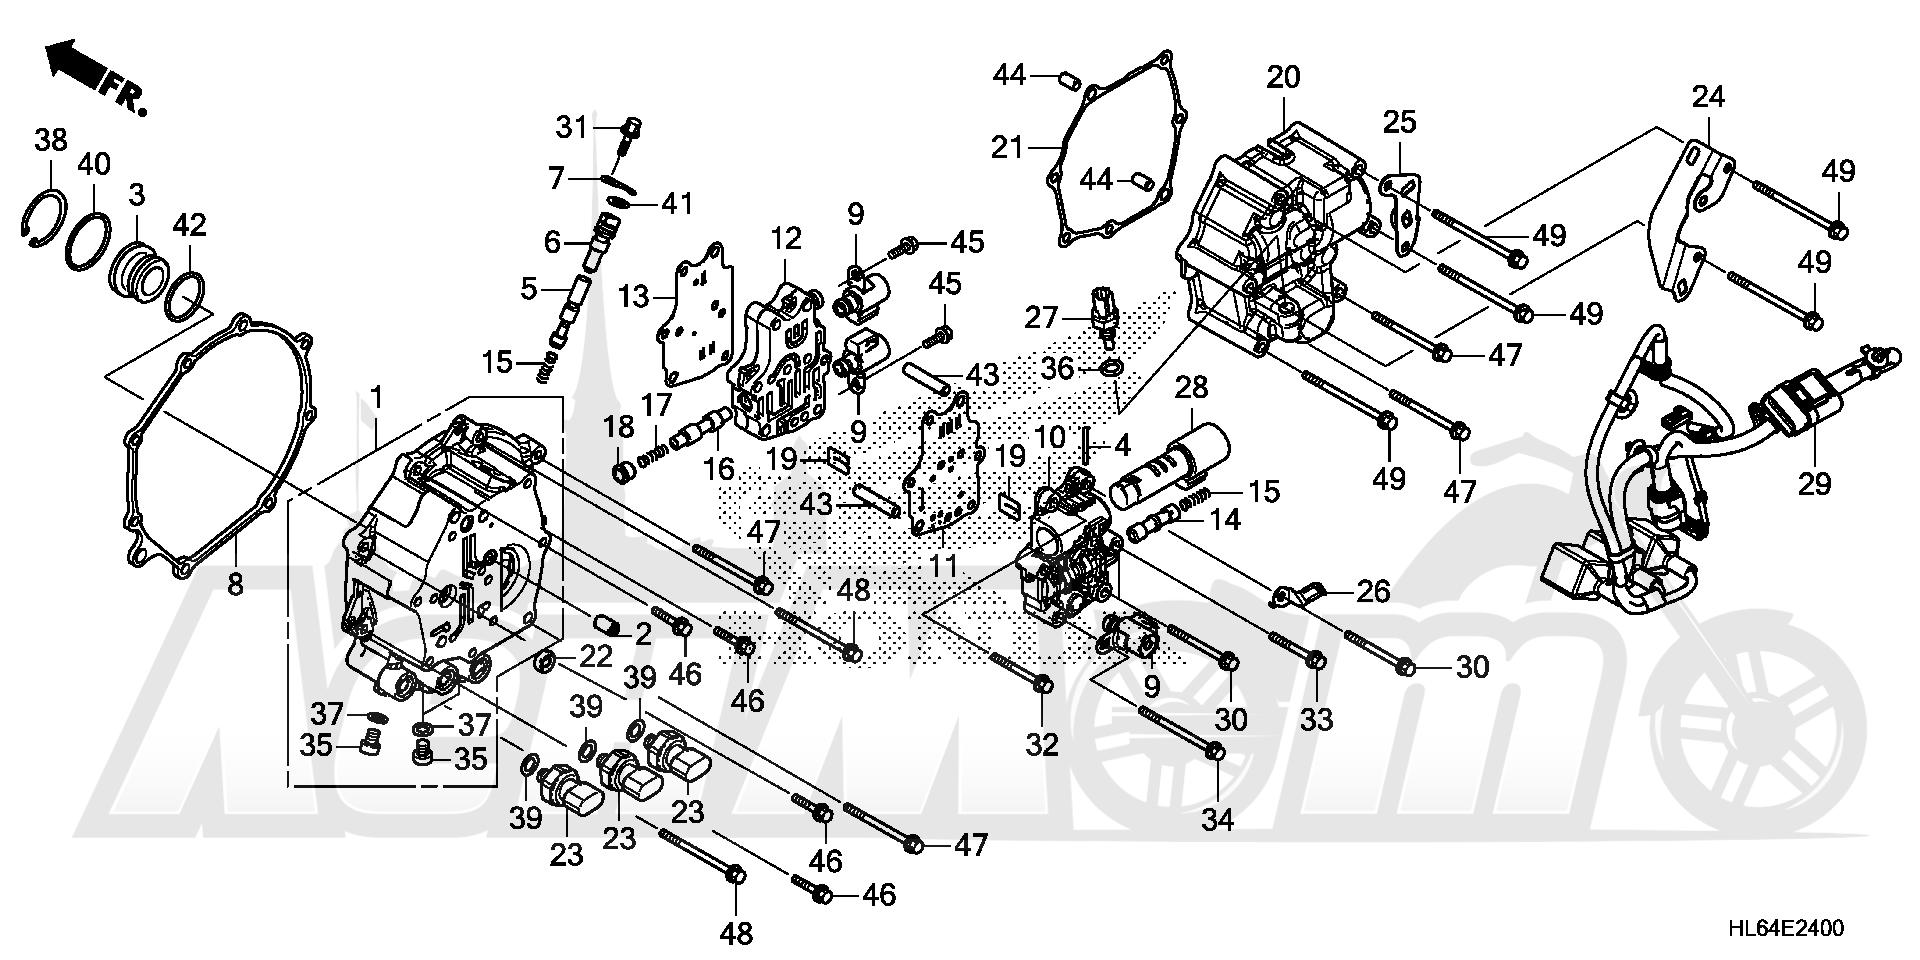 Запчасти для Квадроцикла Honda 2019 SXS1000S2X Раздел: SOLENOID VALVE | реле, соленоид клапан